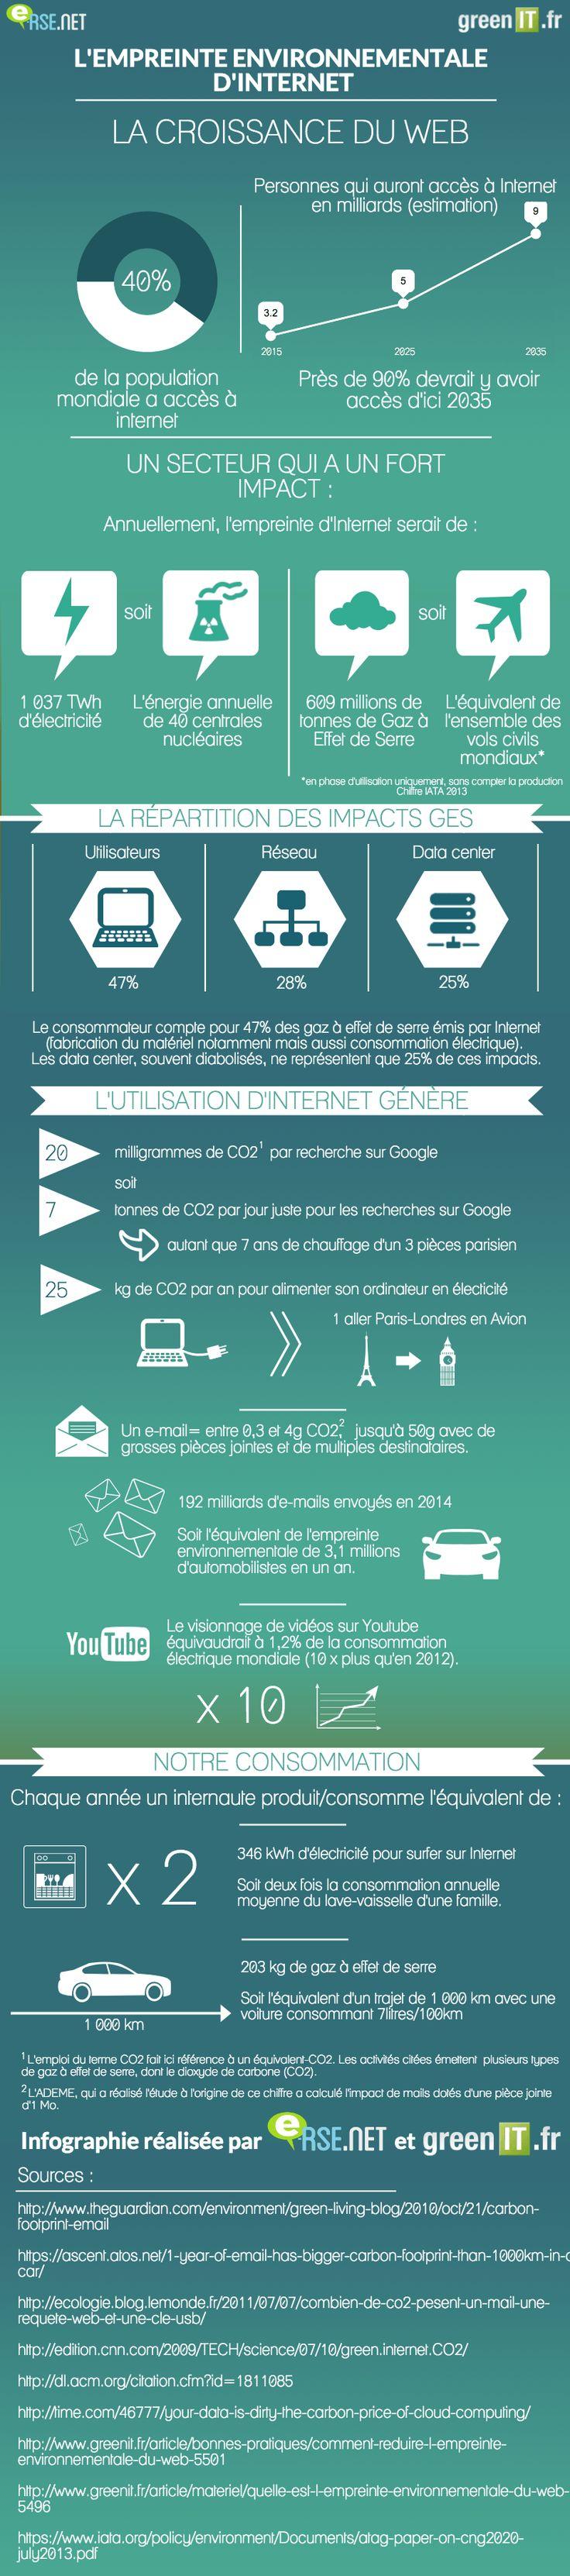 Quelle est l'empreinte environnementale d'internet ? INFOGRAPHIE